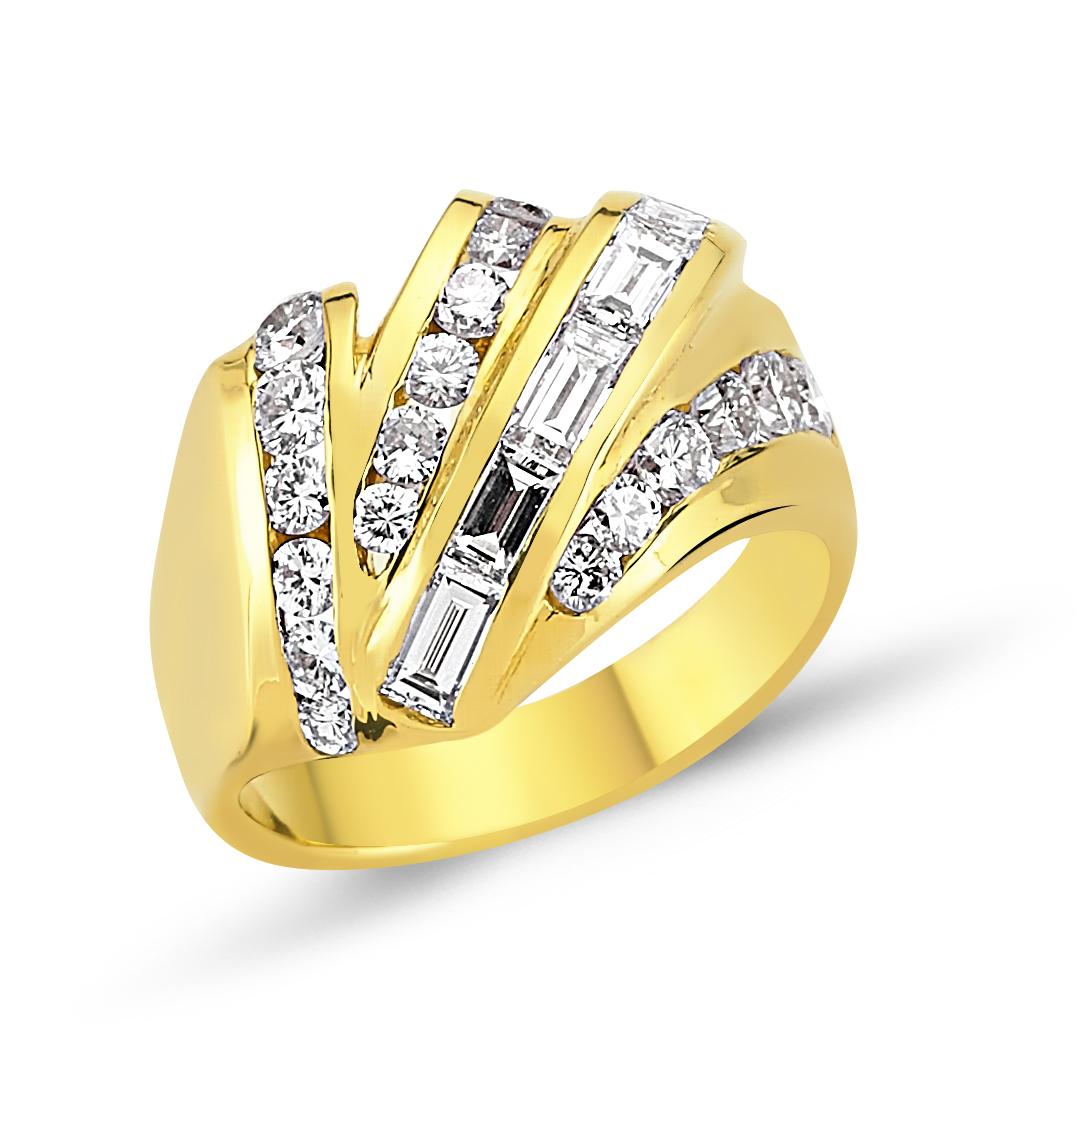 Baget Kesim Pırlanta Altın Yüzük - 6000137